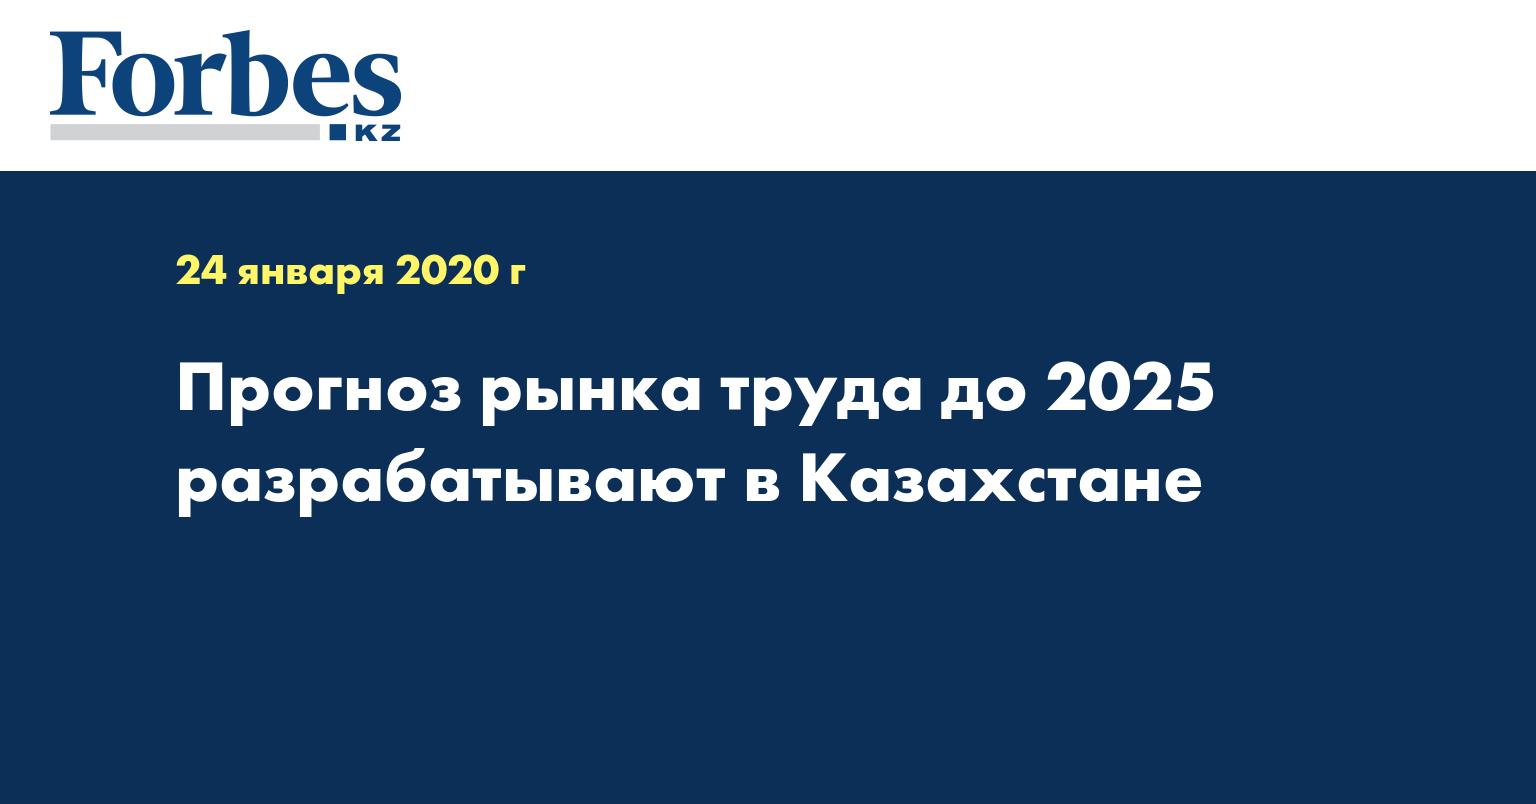 Прогноз рынка труда до 2025 разрабатывают в Казахстане